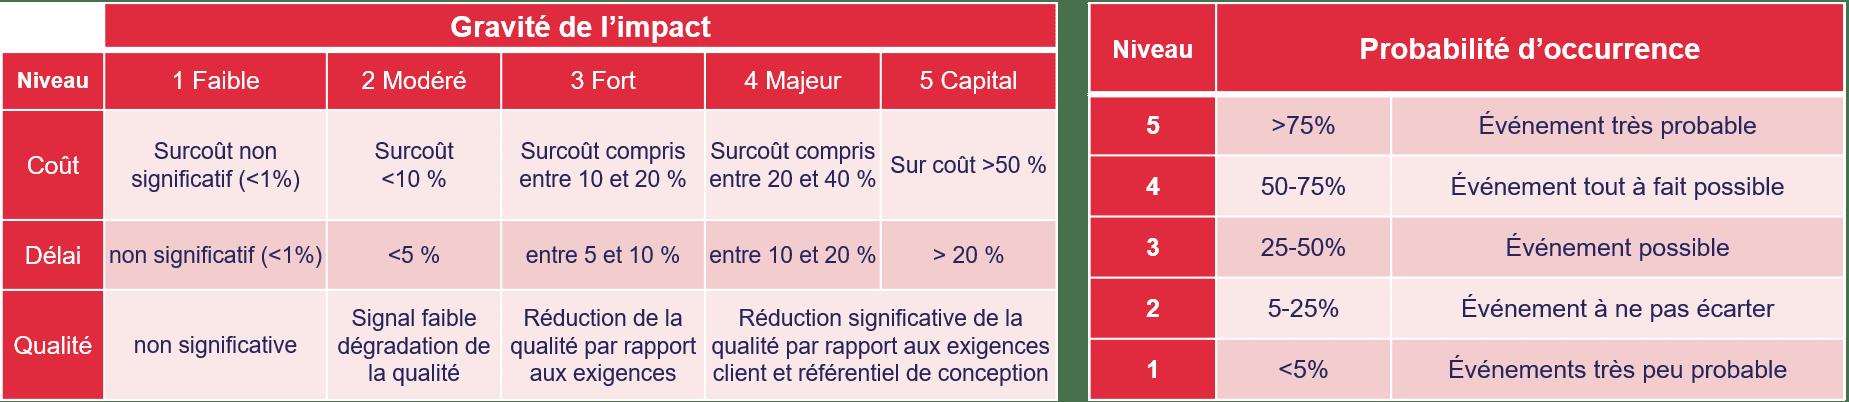 deux tableaux qui montrent les 5 niveaux de gravite d'impact et de probabilité d'occurrence